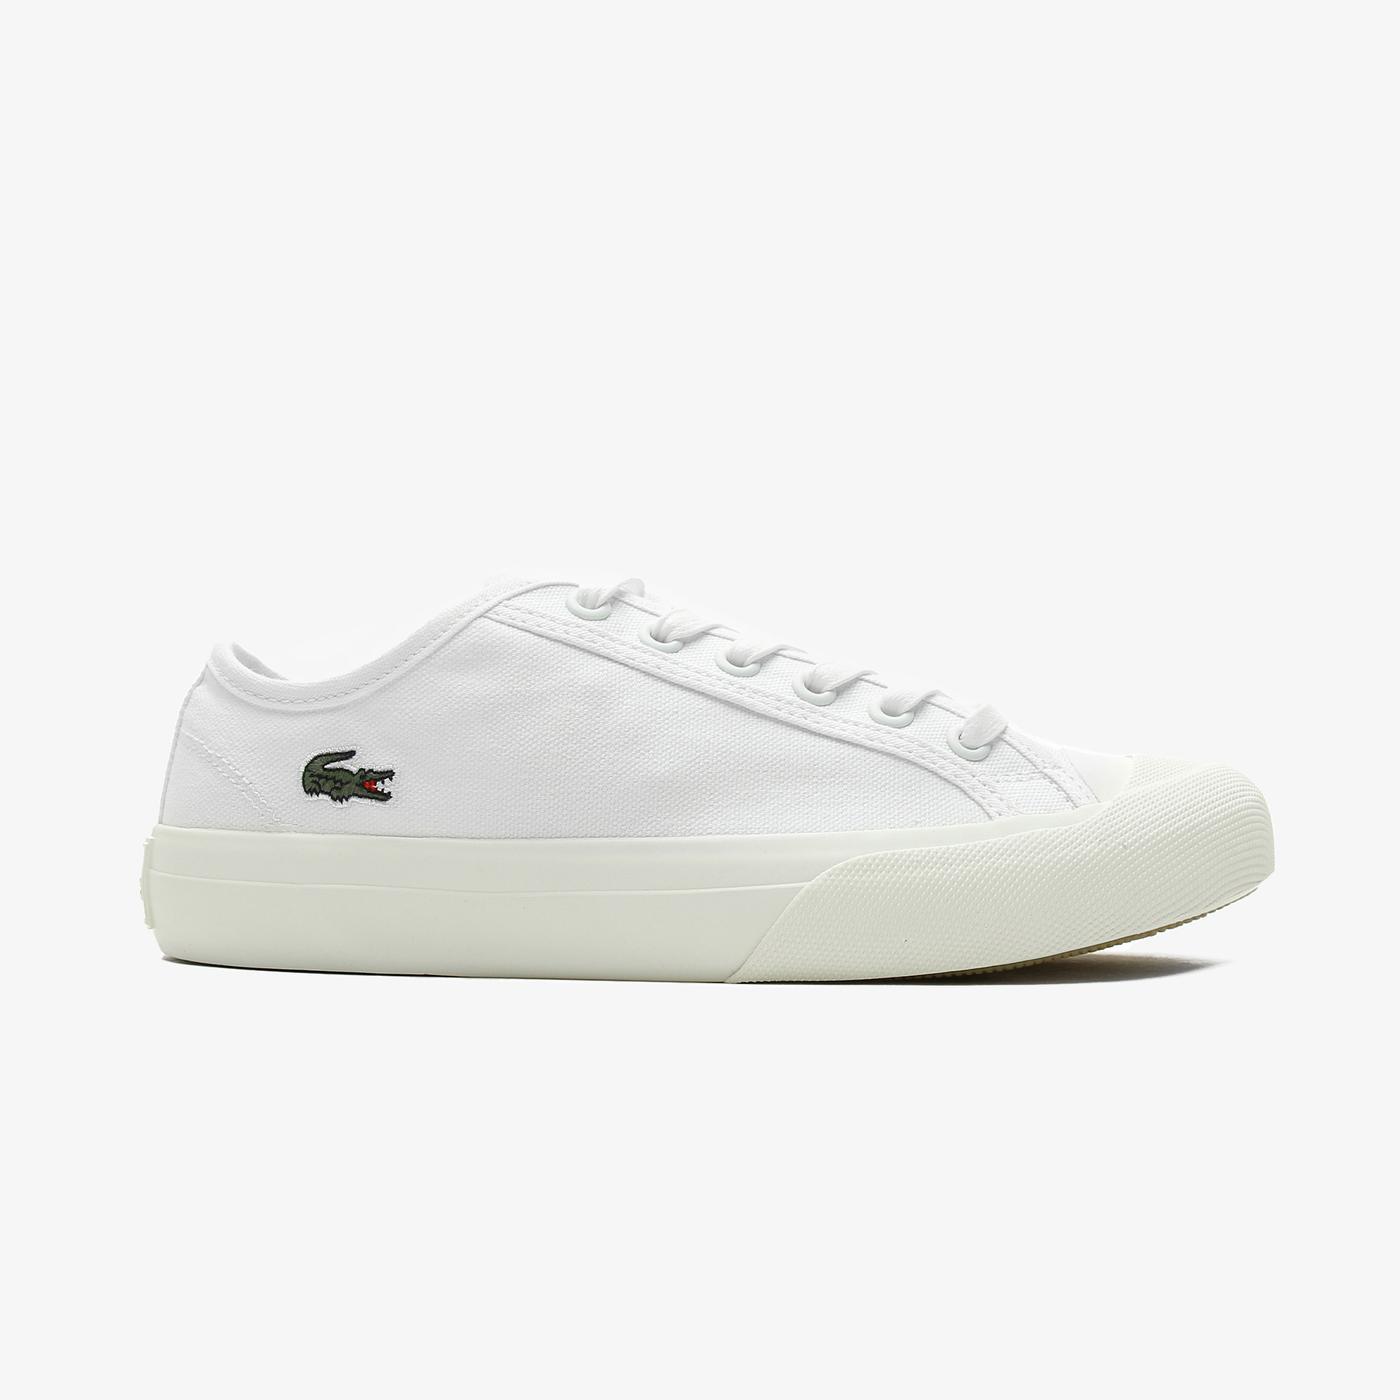 Lacoste Topskill 0721 2 Cfa Kadın Beyaz Spor Ayakkabı